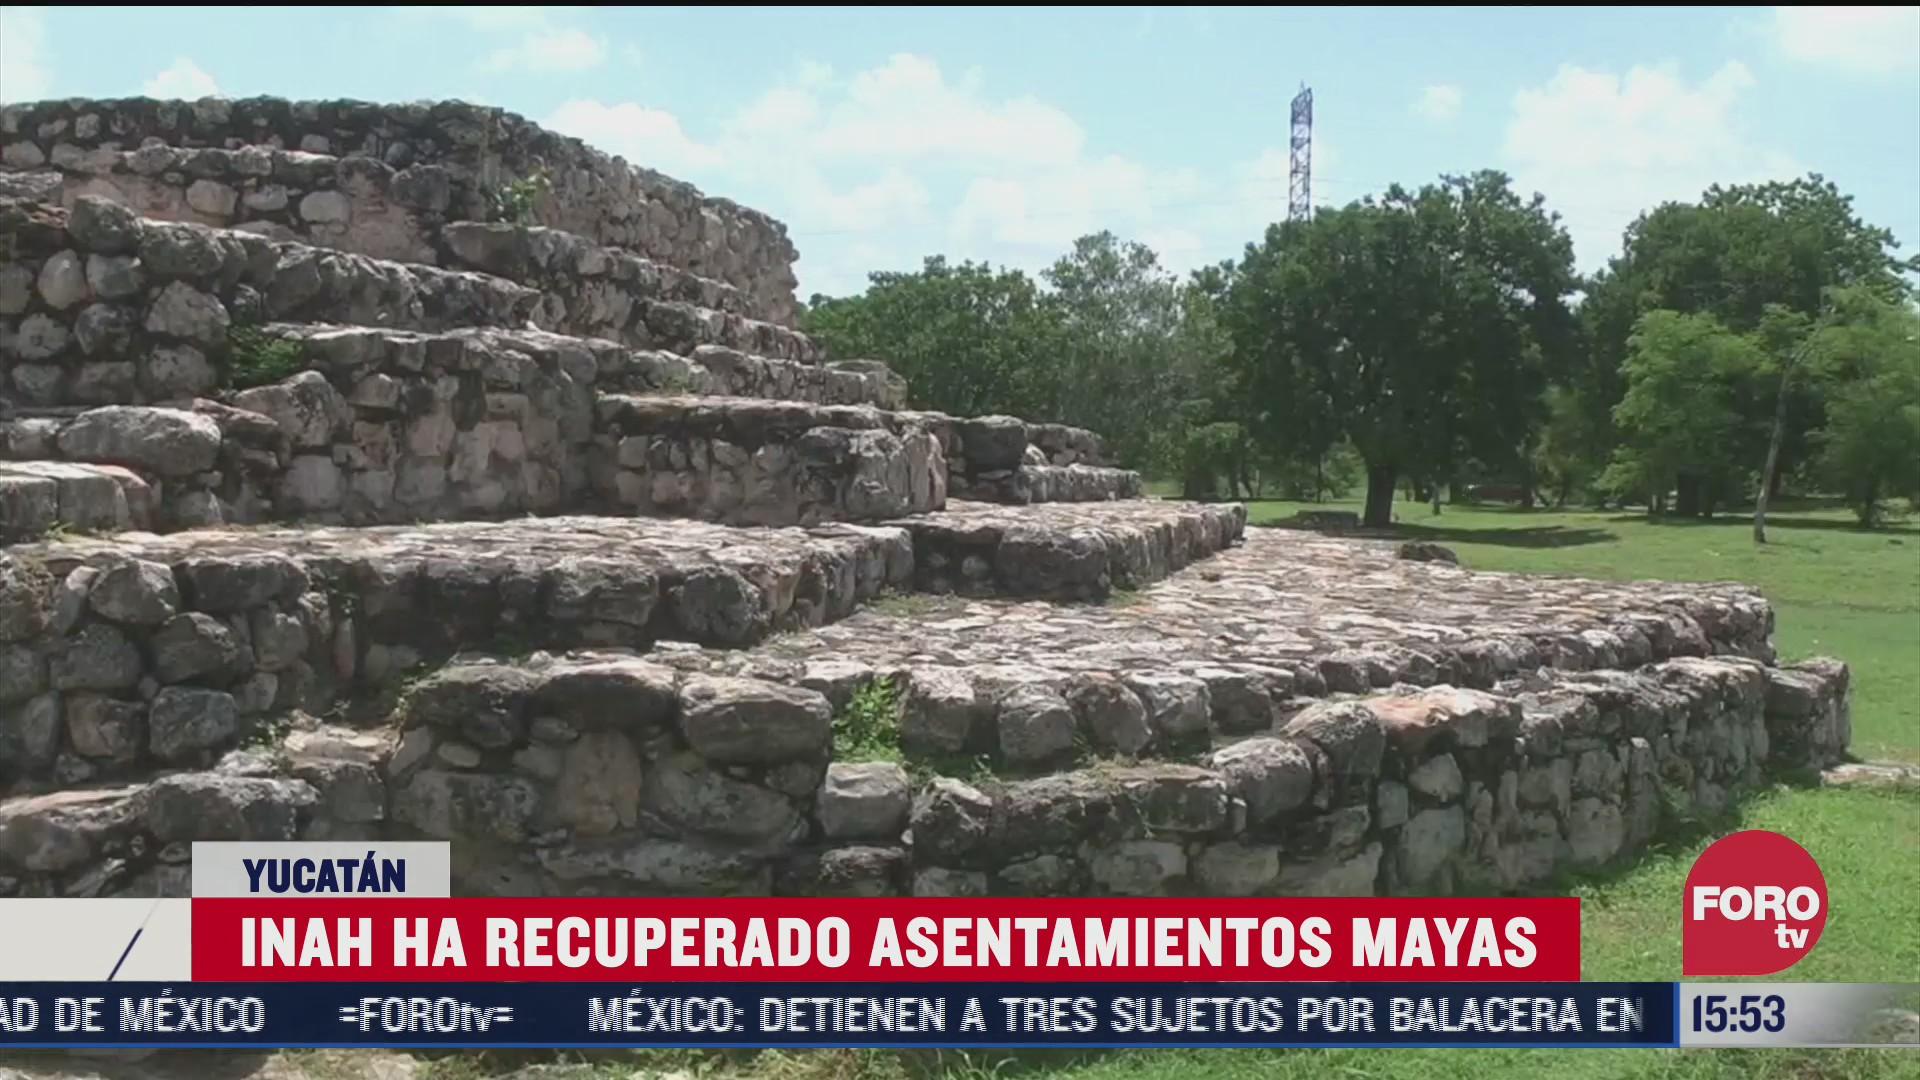 inah ha recuperado asentamientos mayas en yucatan